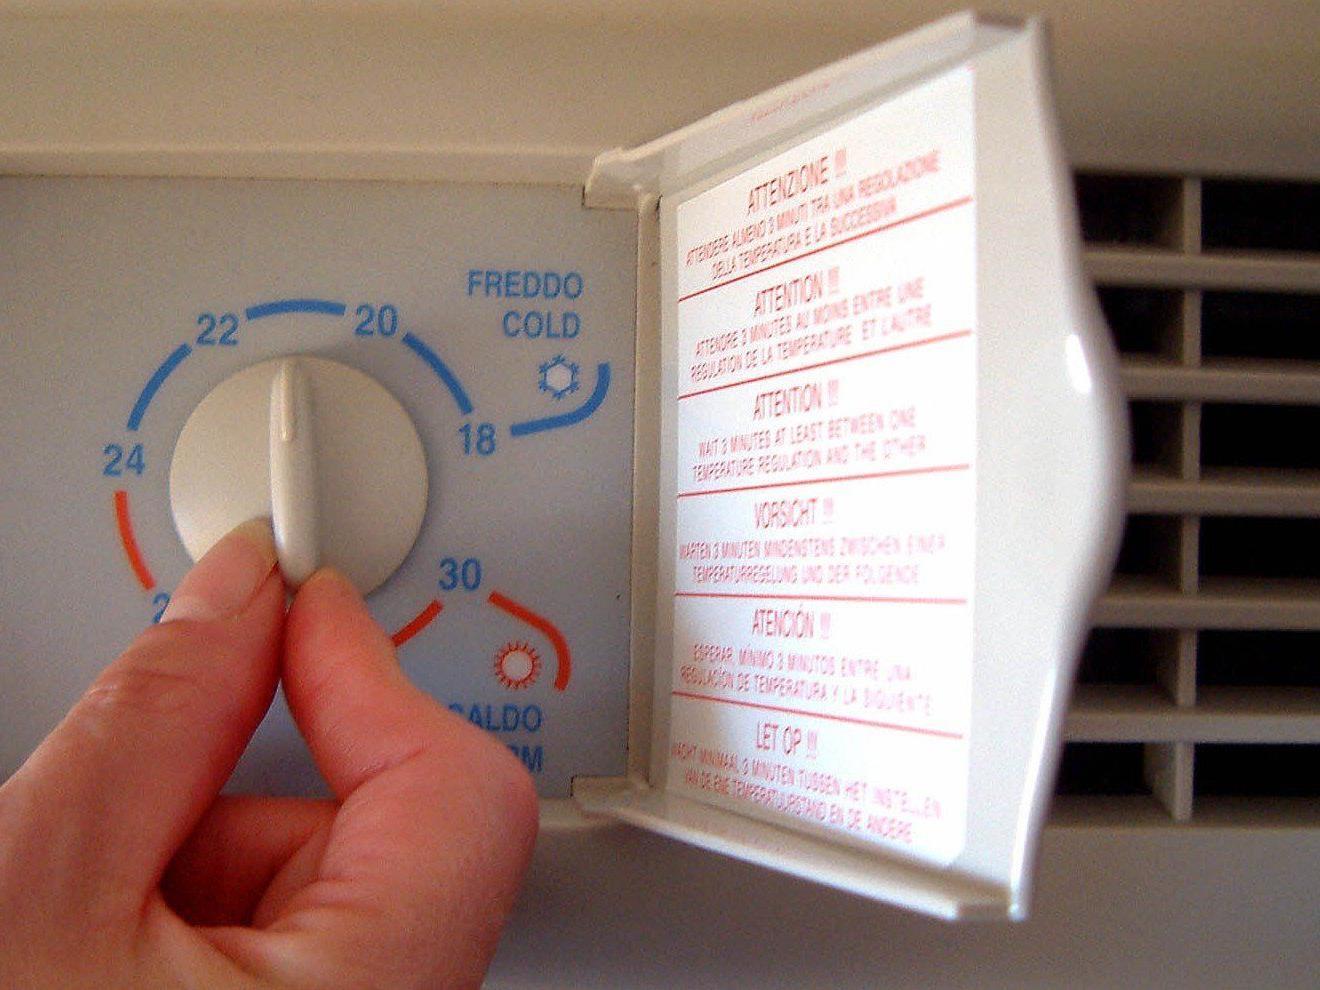 Trotz vermehrtem Einsatz von Klimaanlagen bleibt der Stromverbrauch in Wien geringer als im Winter.